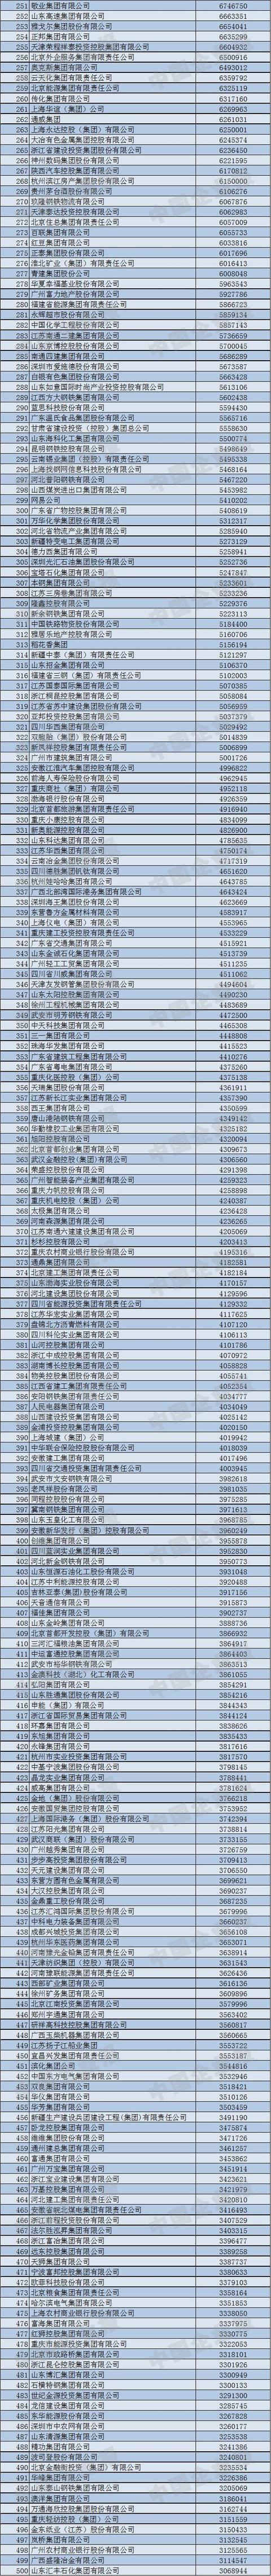 2018年中国企业500强榜单